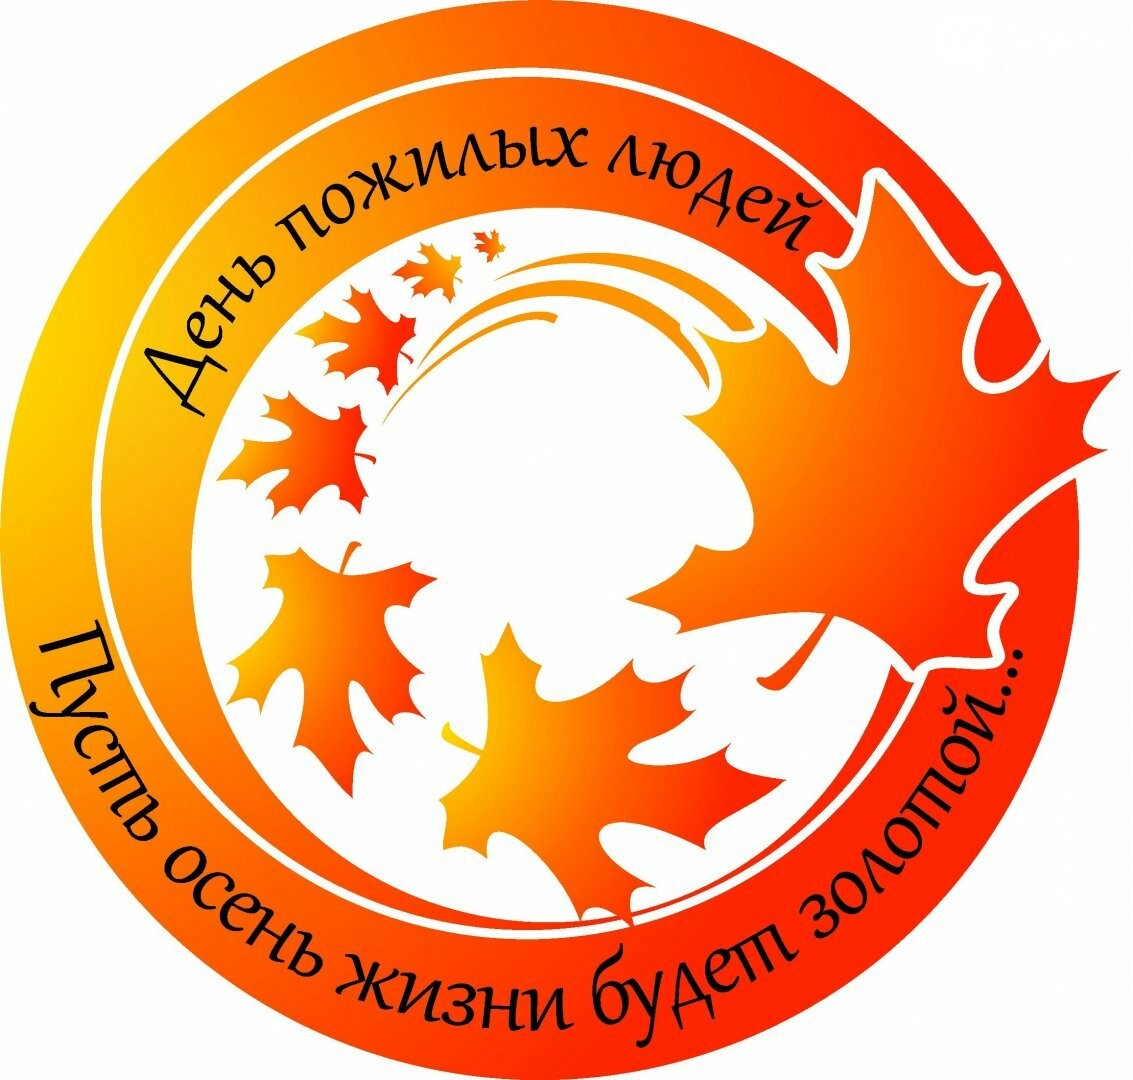 Юных димитровградцев приглашают принять участие в конкурсах, посвящённых Дню пожилого человека, фото-2